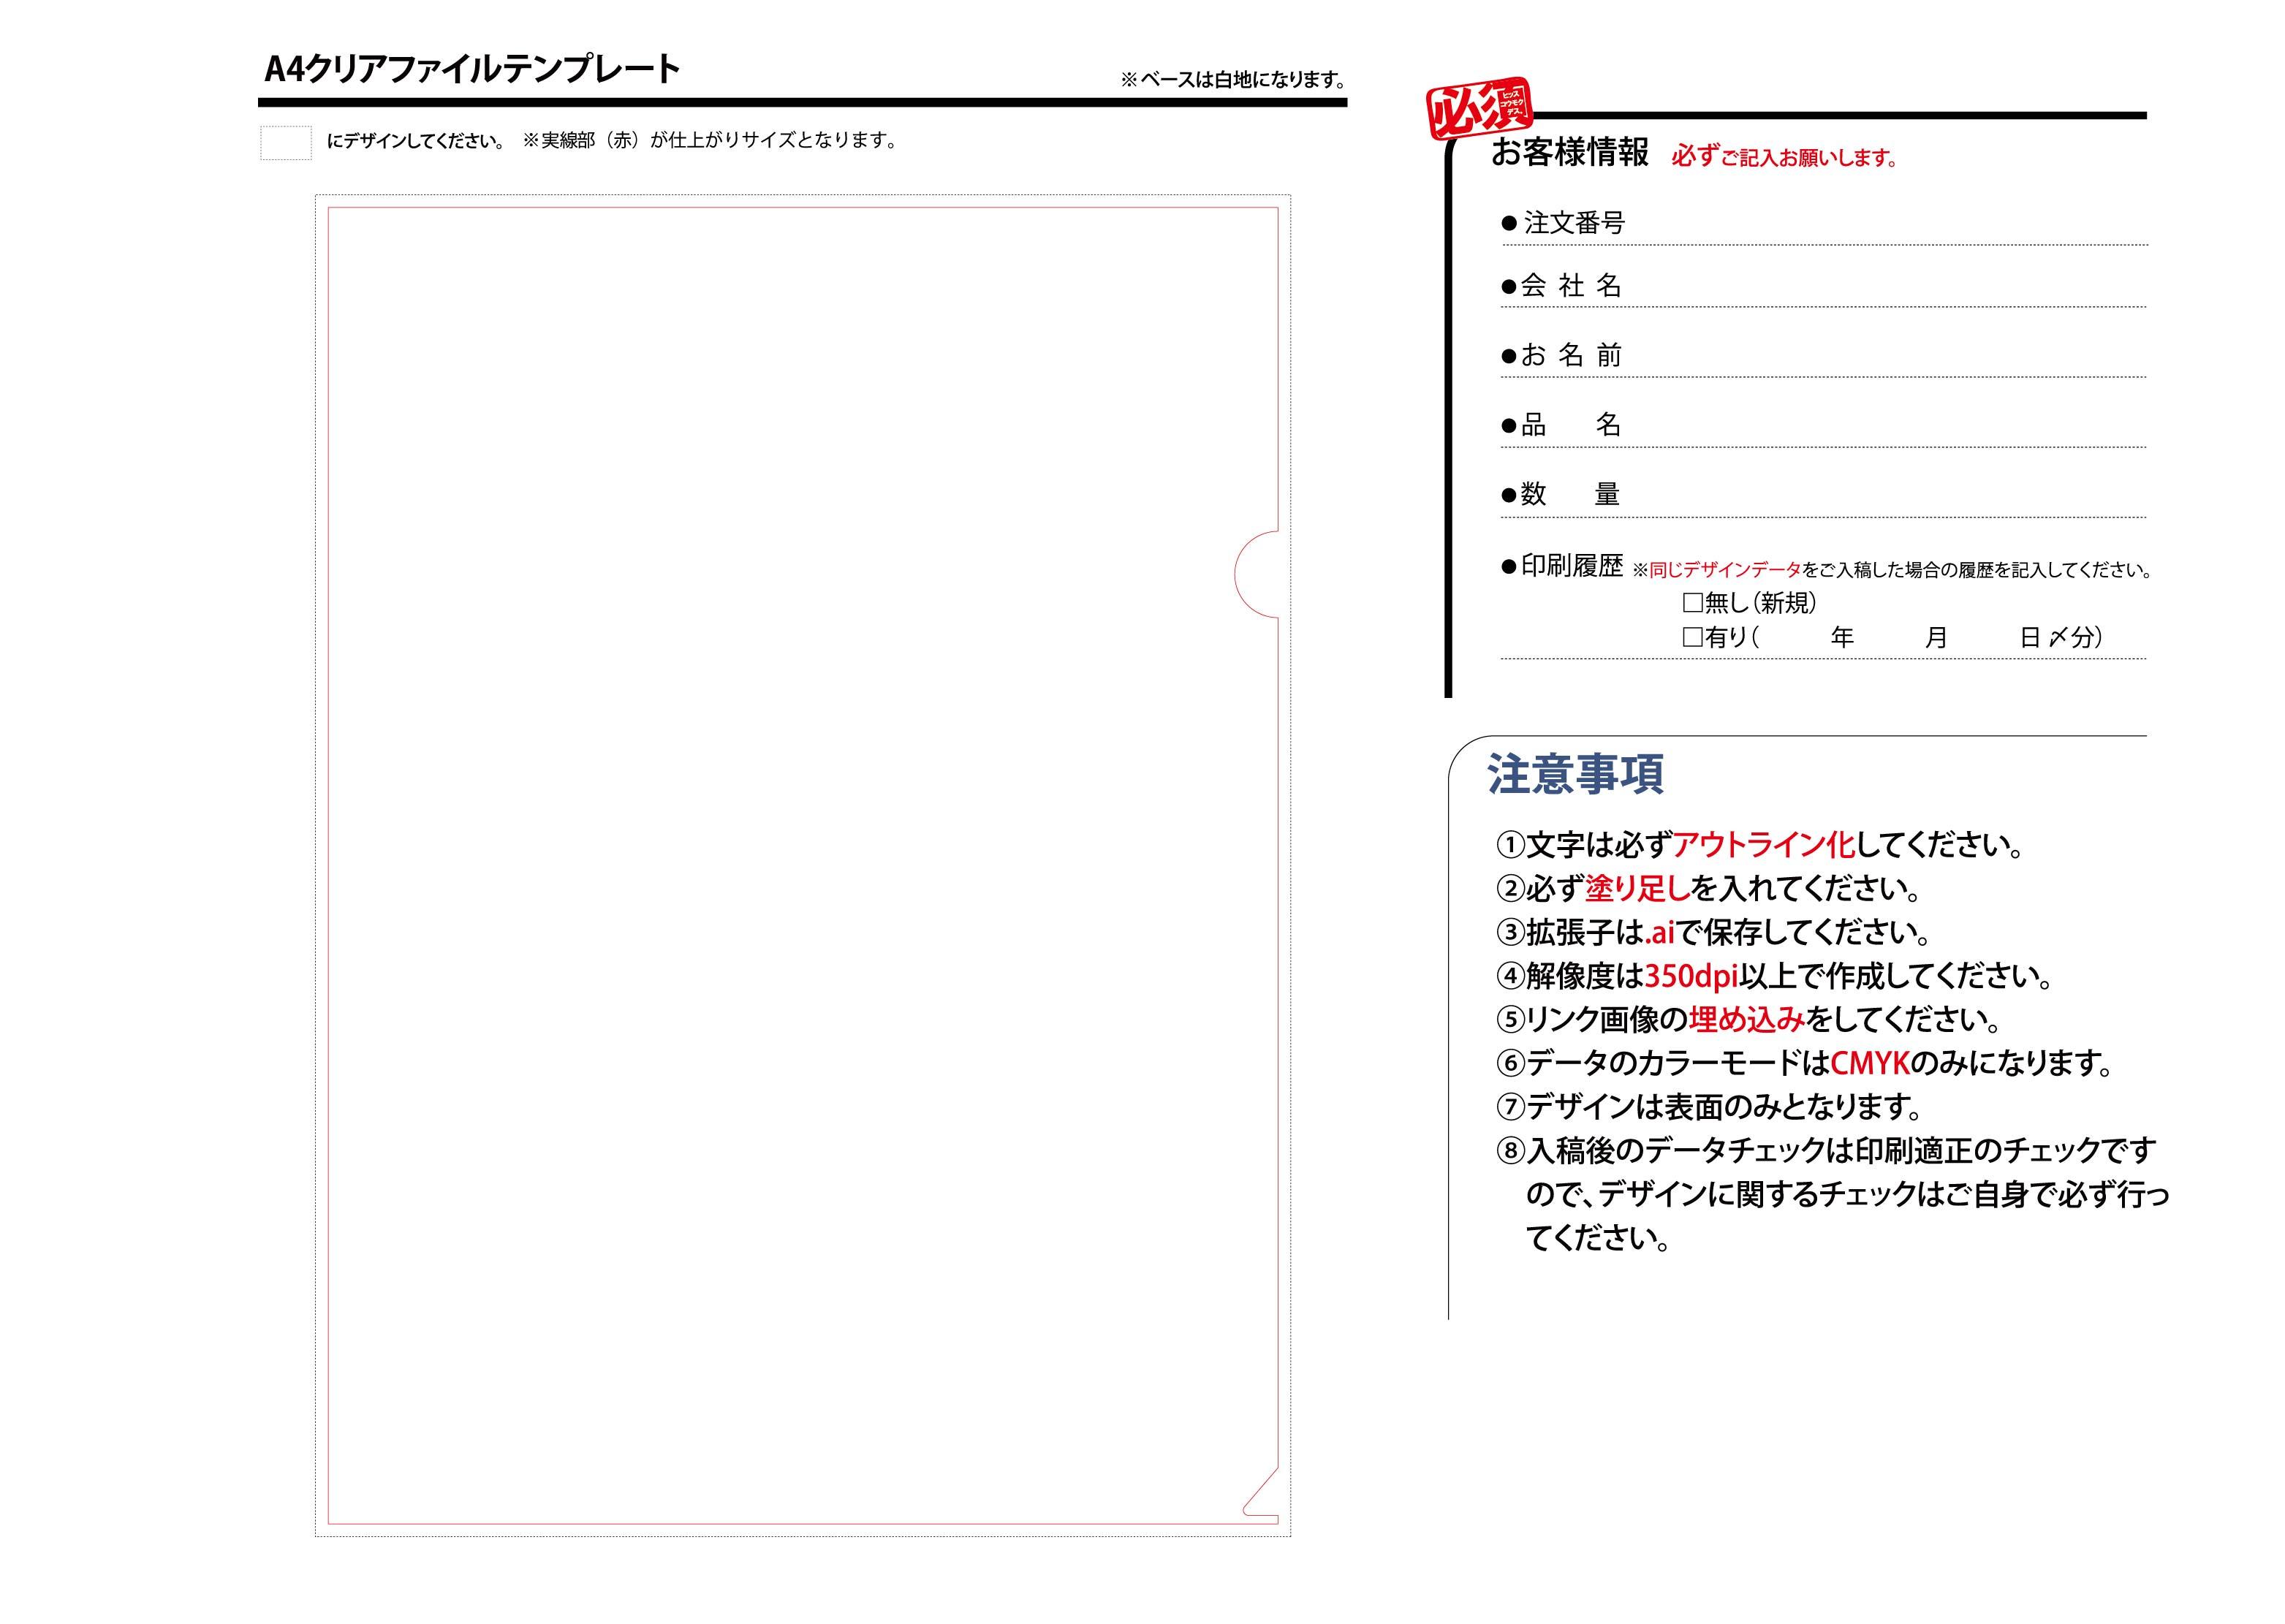 クリアファイル<NEW> - ≫A4クリ...